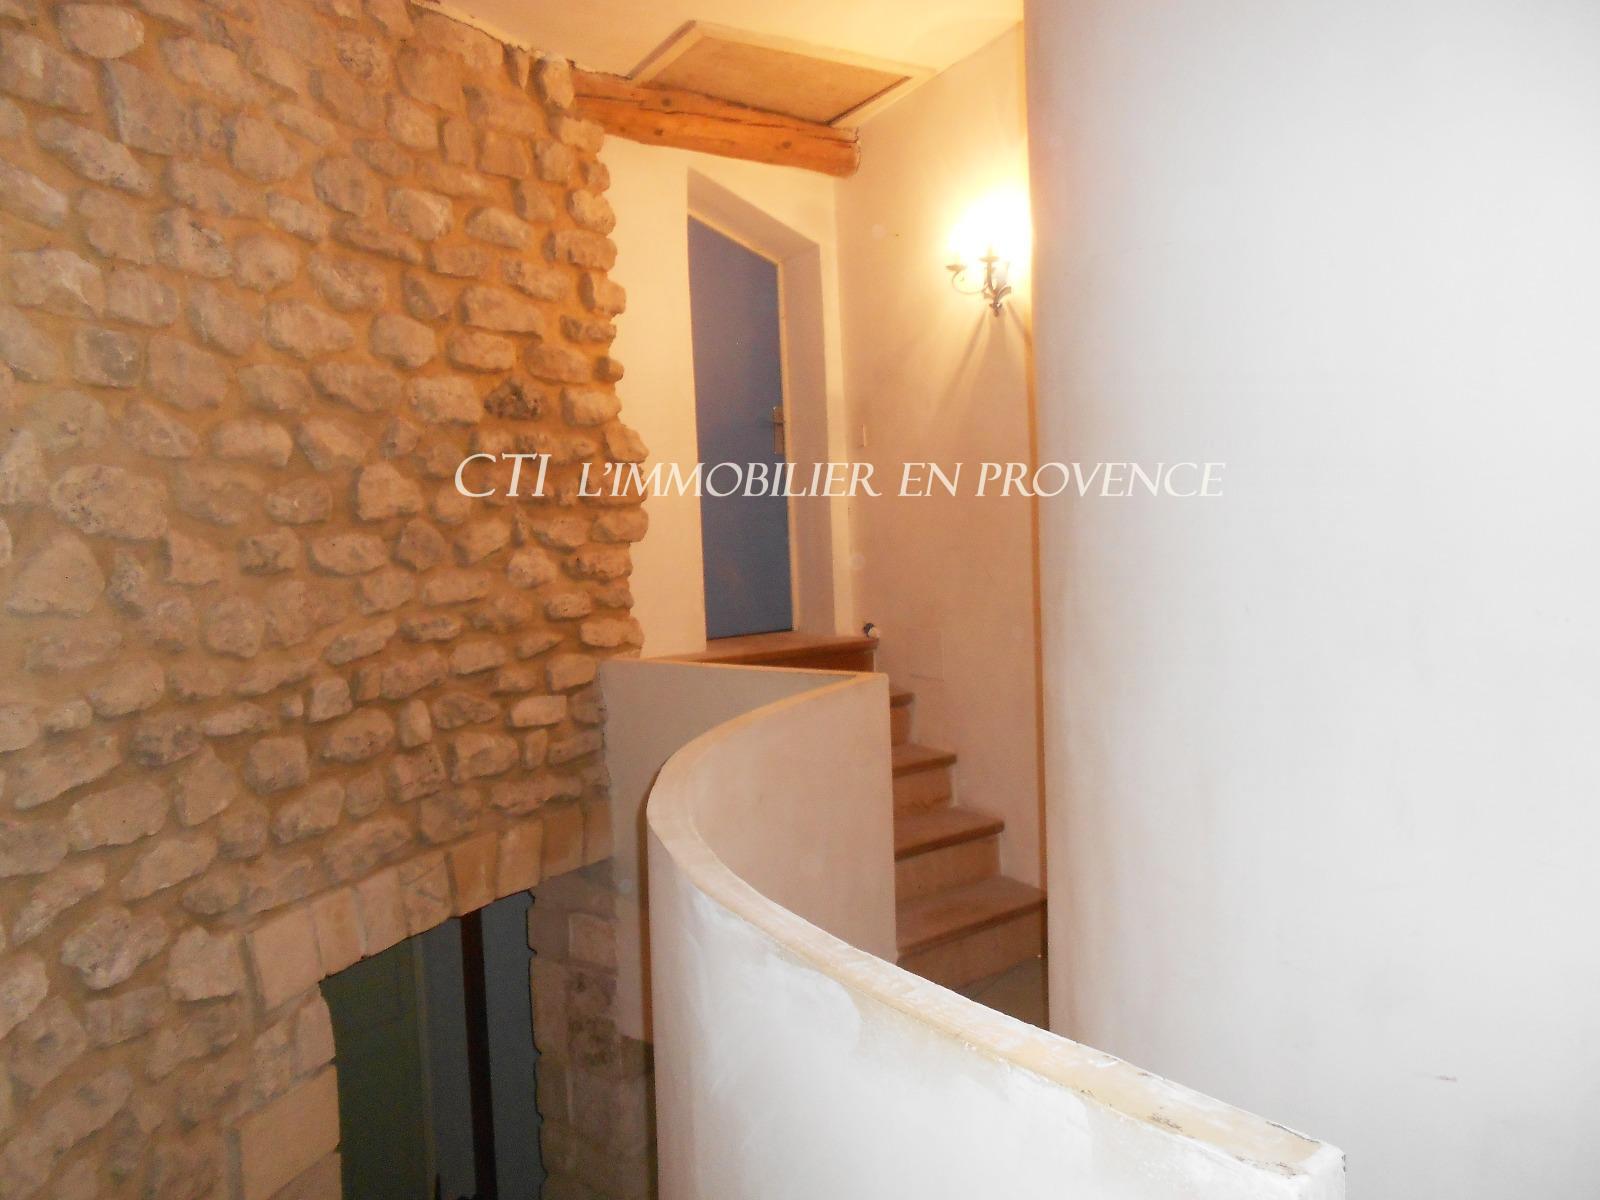 A vendre Grande et belle maison en pierre  terrain arboré, proche village à 15 mn de V